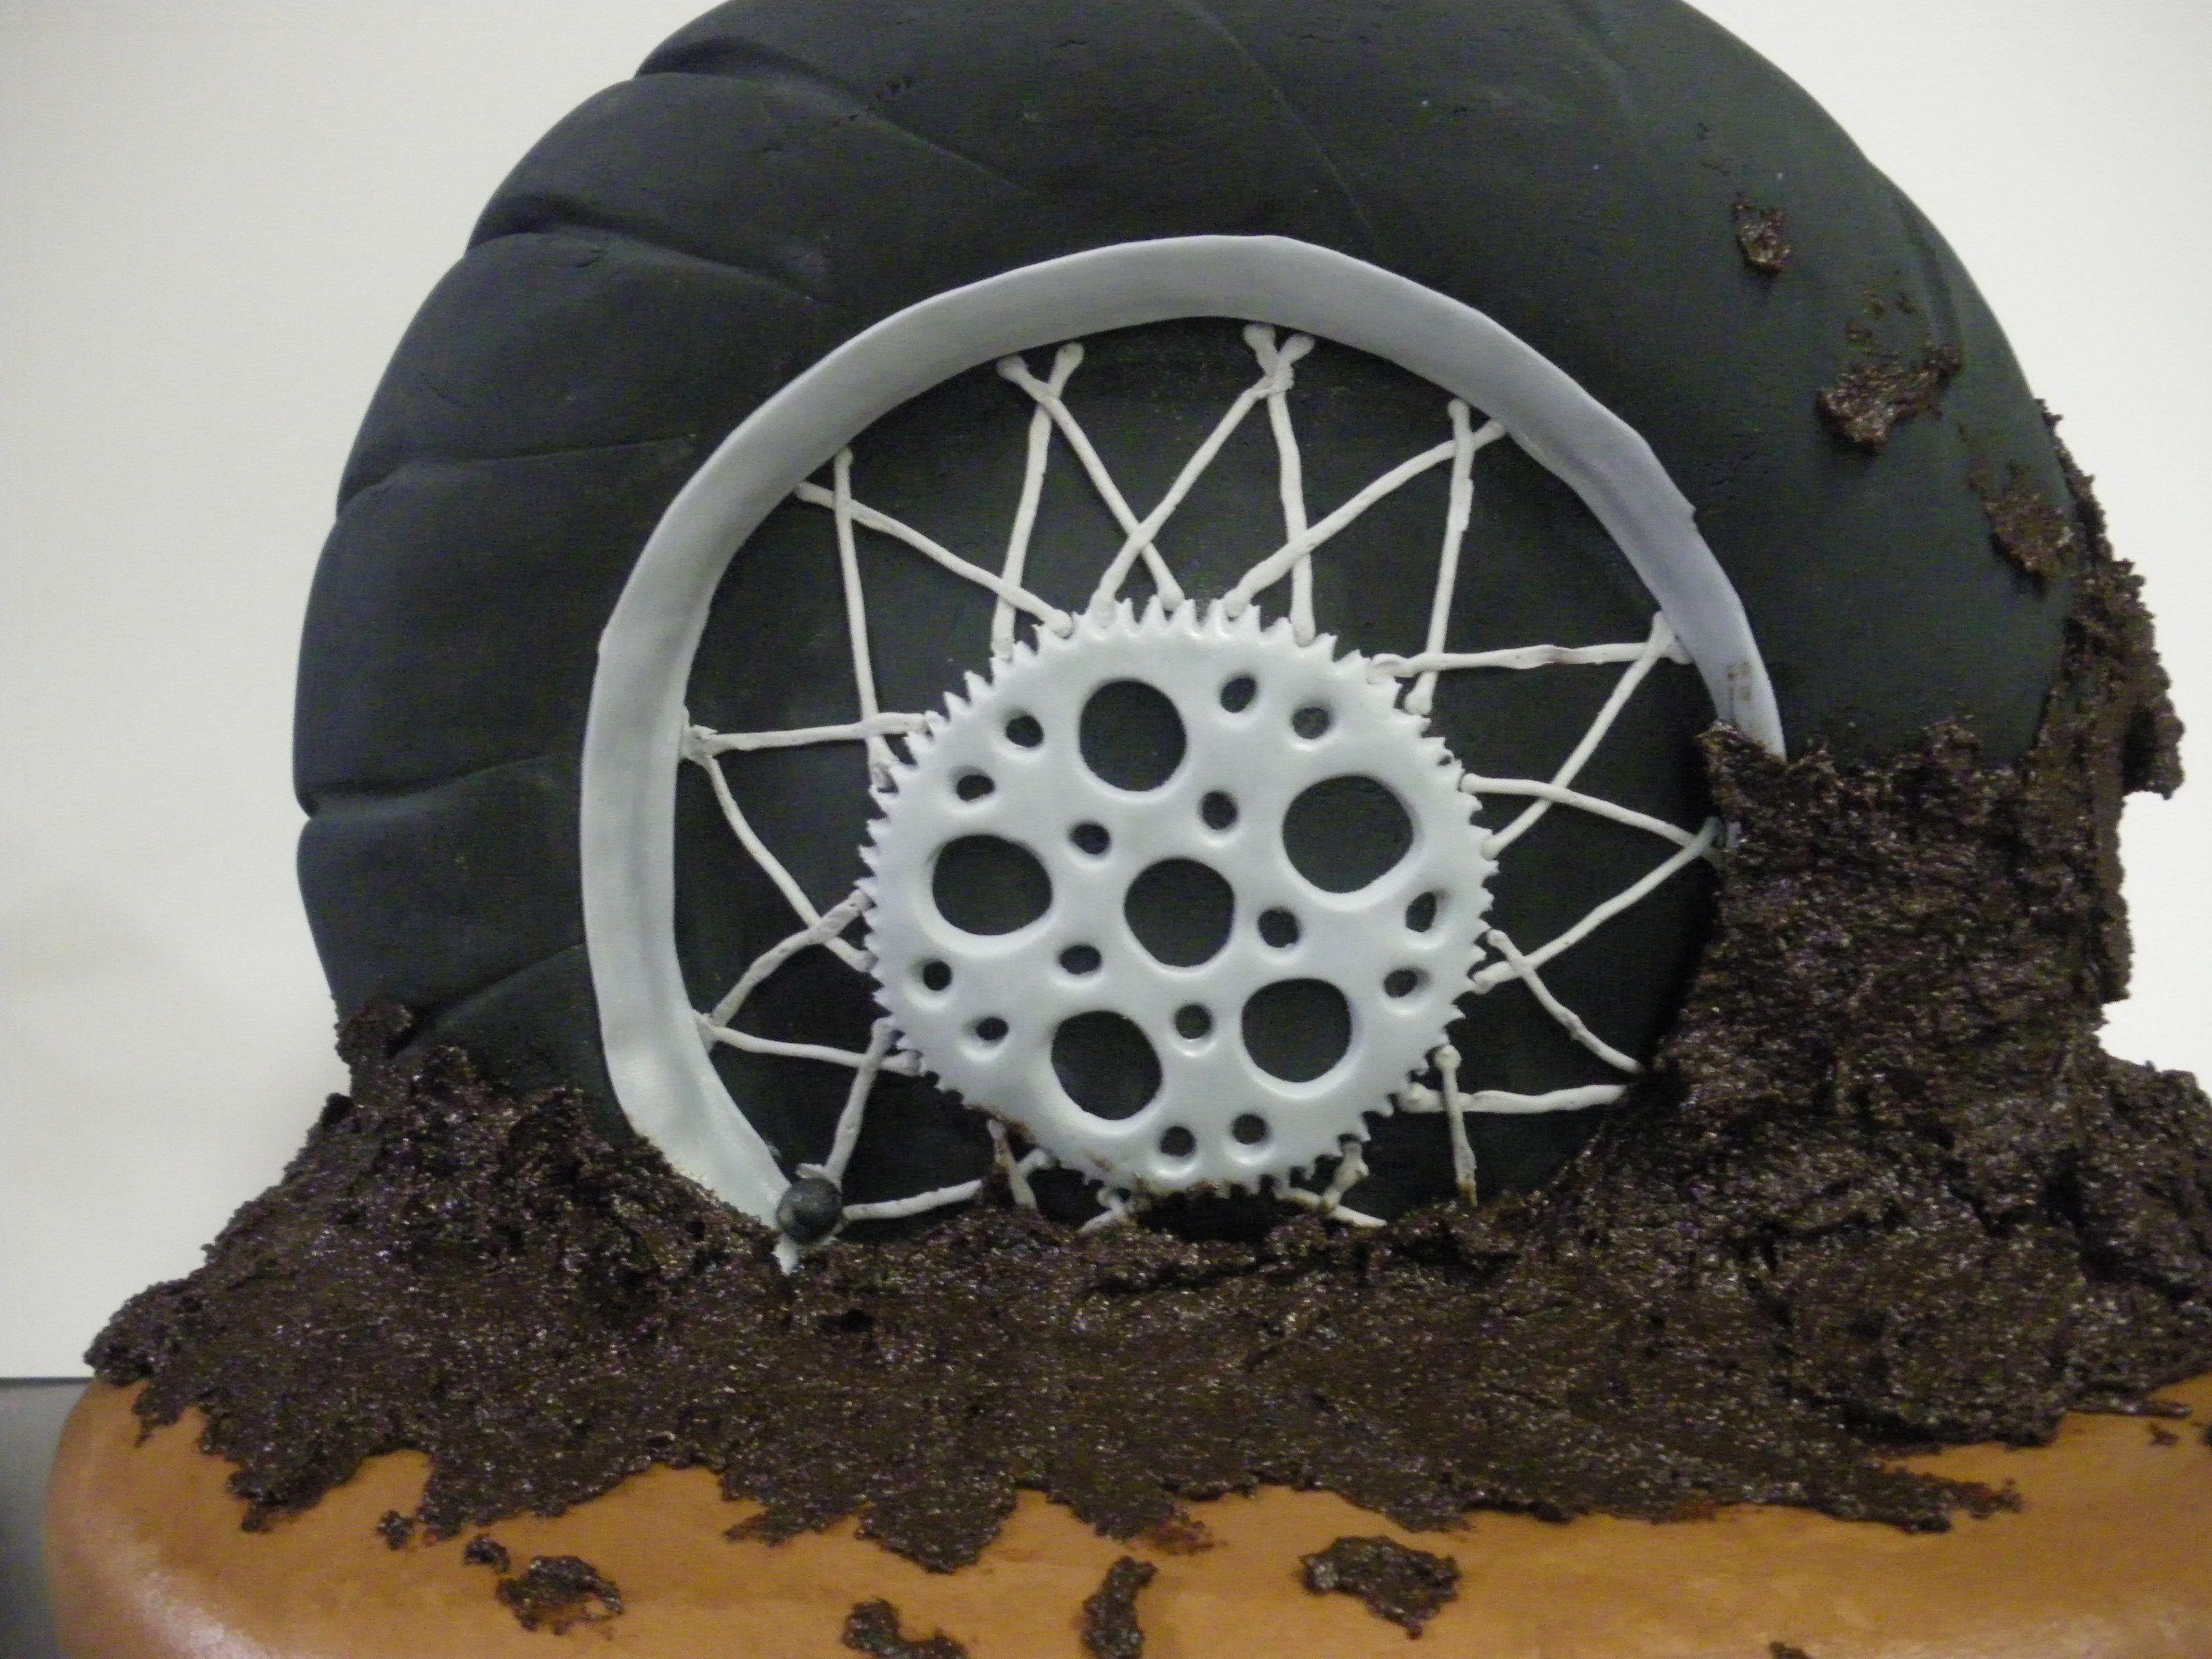 Muddin' cake